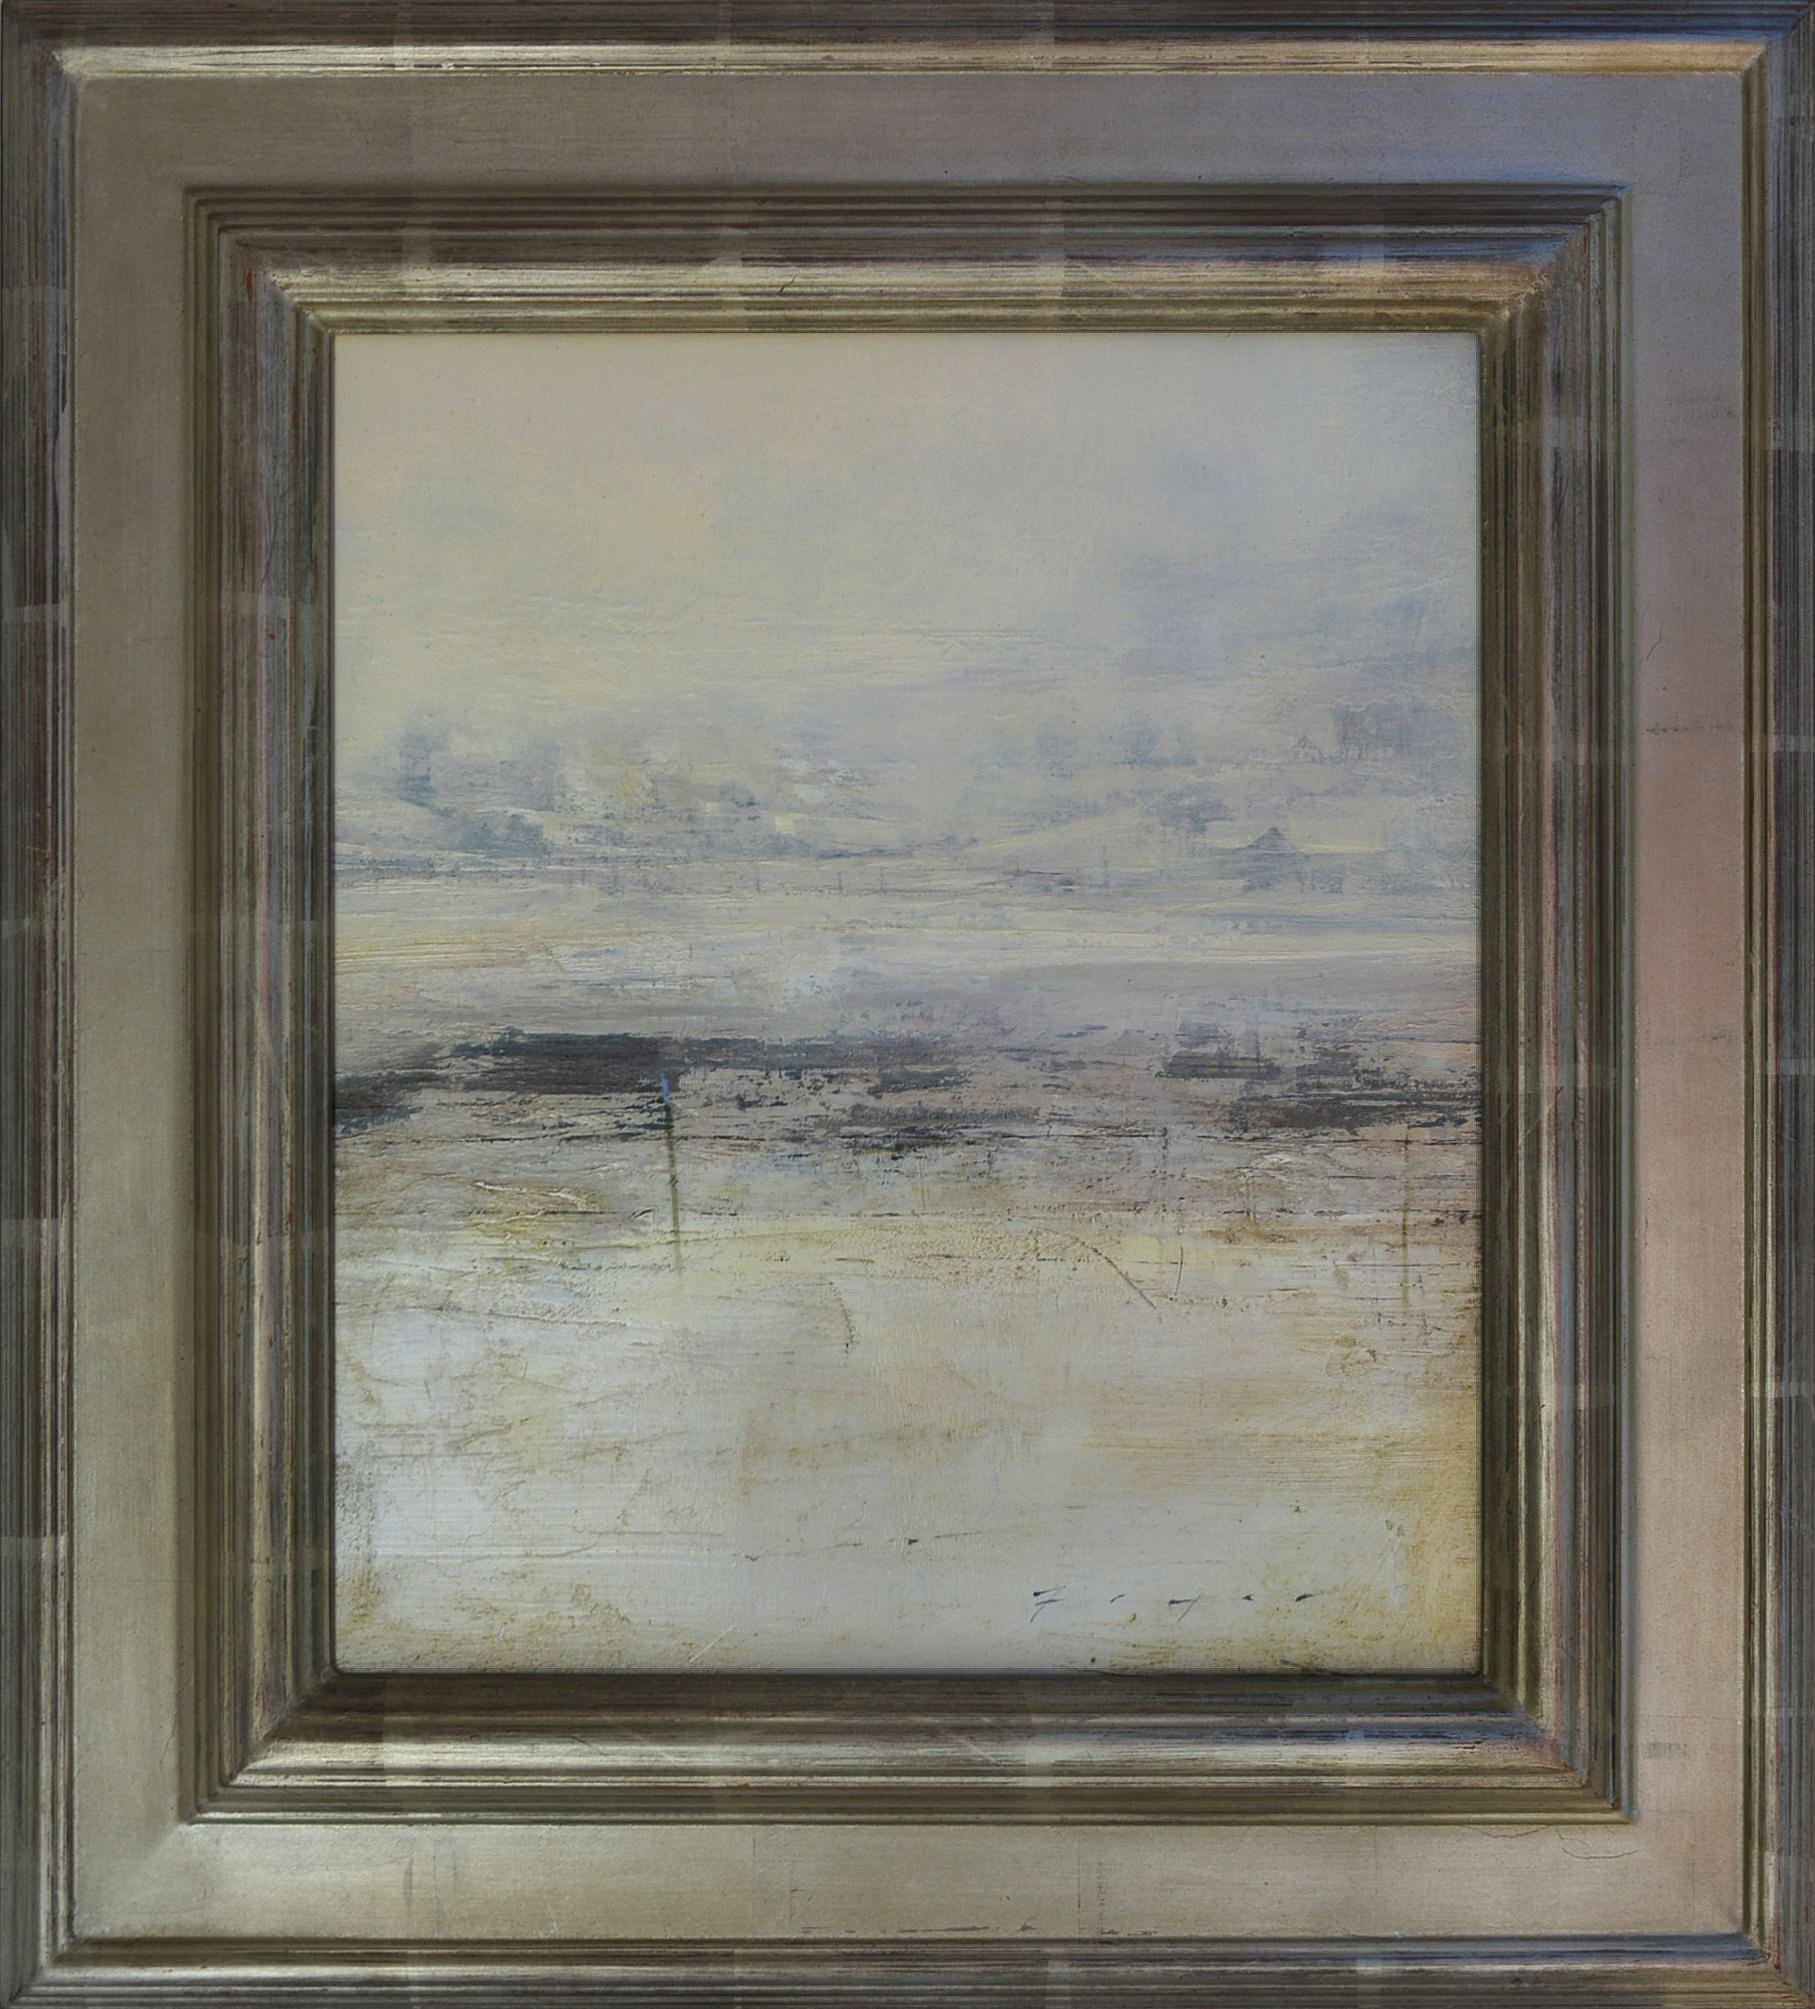 Douglas Fryer, New Snow ,oil, 14 x 12 in.